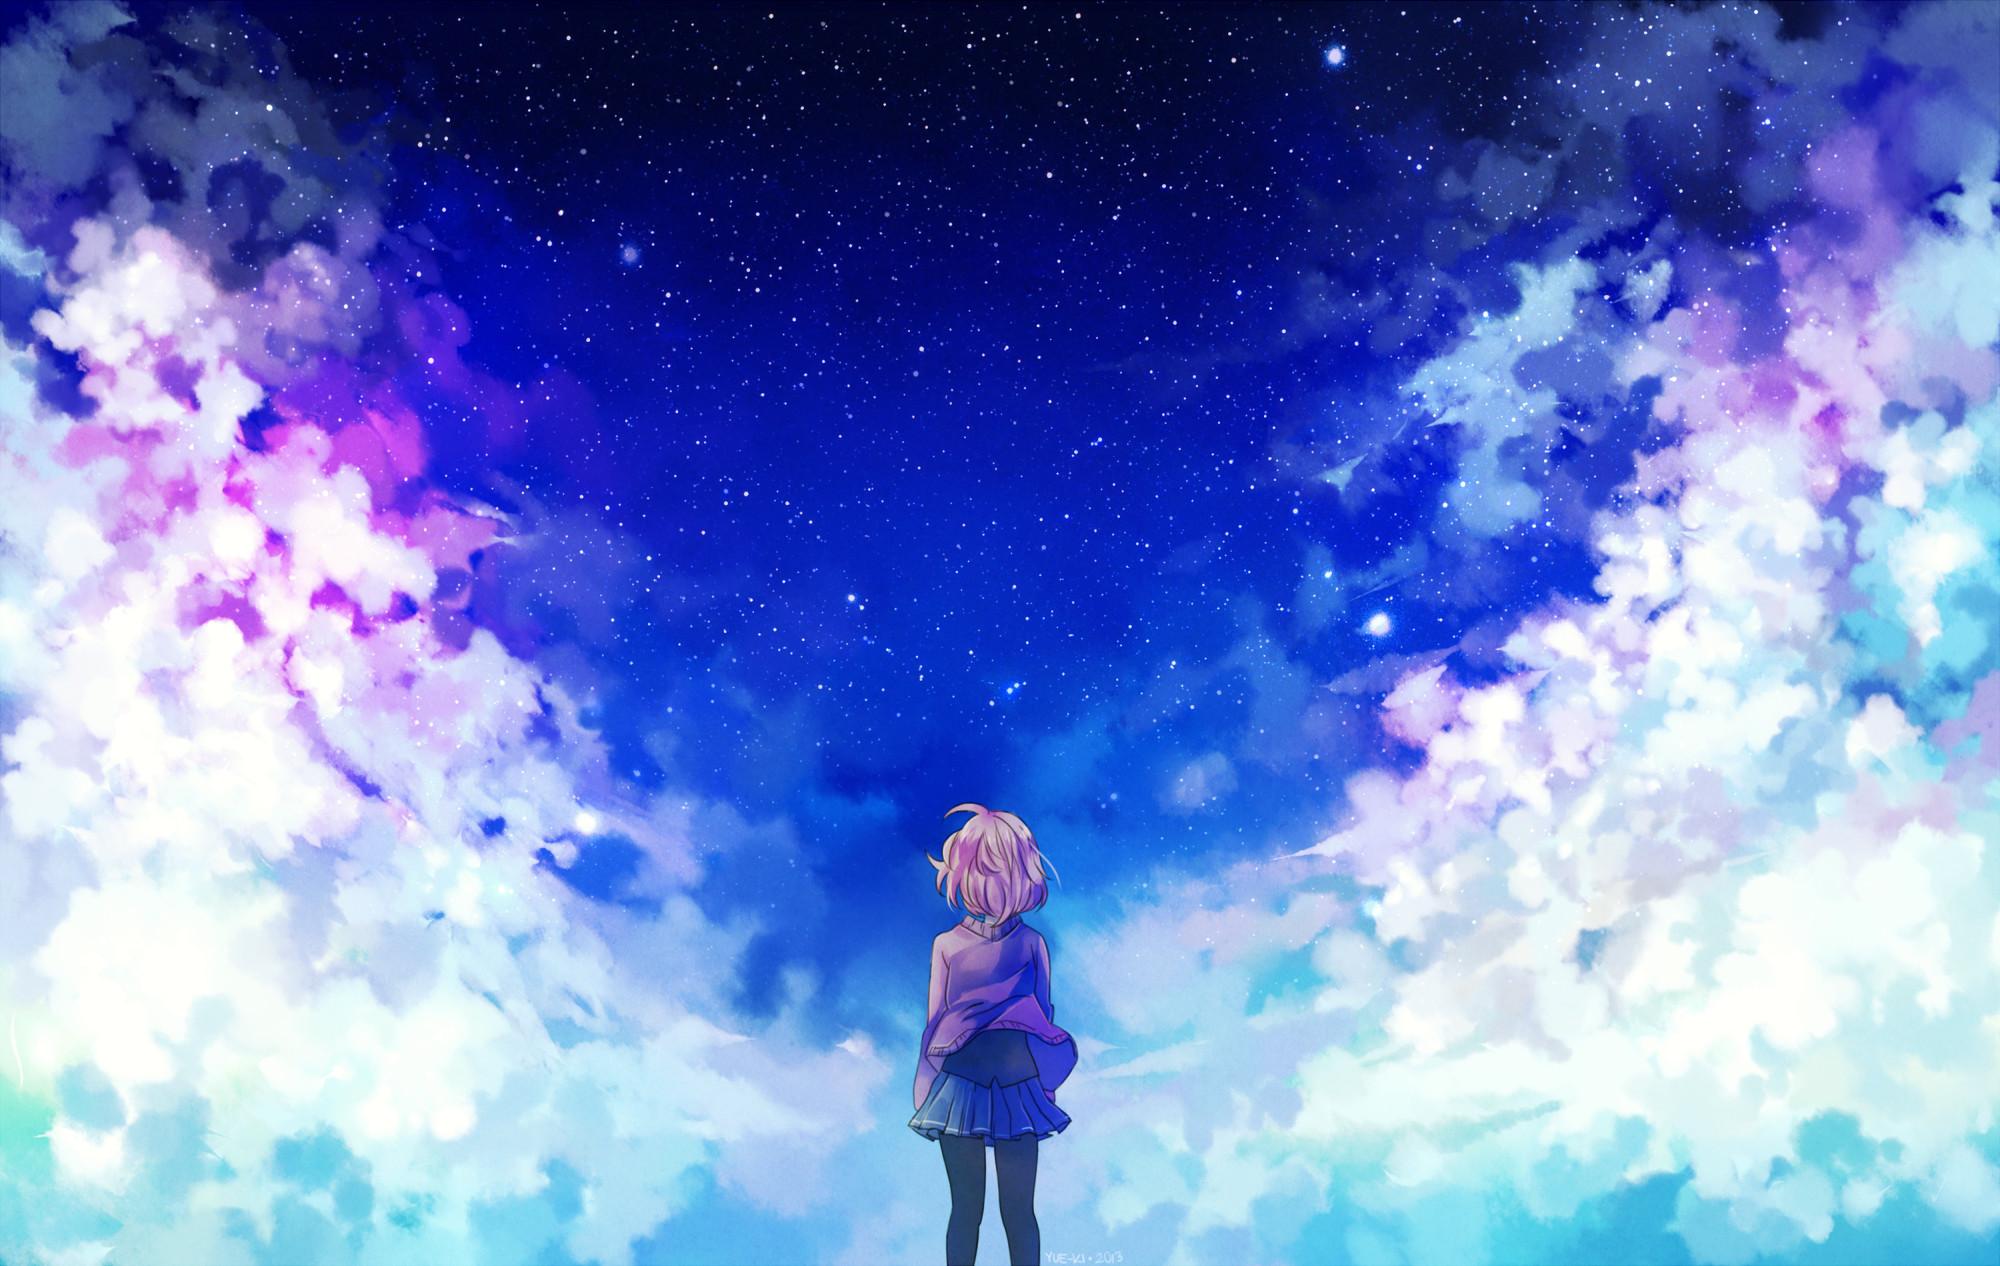 Kawaii Anime Wallpaper – Kawaii wallpaper